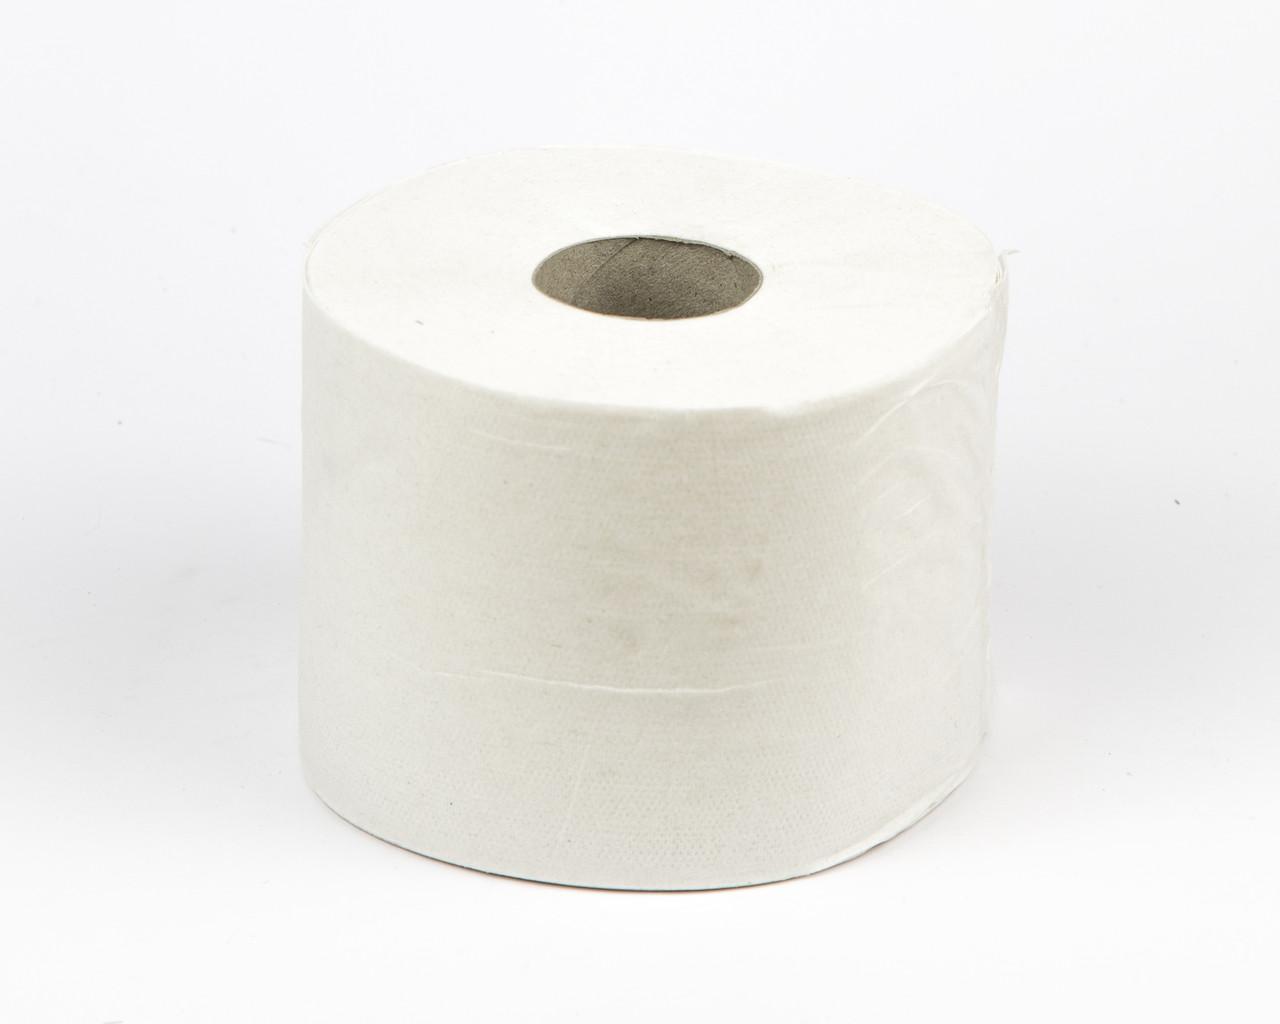 Папір туалетний білий в рулонах, 2 шари, 75 м, Scott Kimberly-Clark